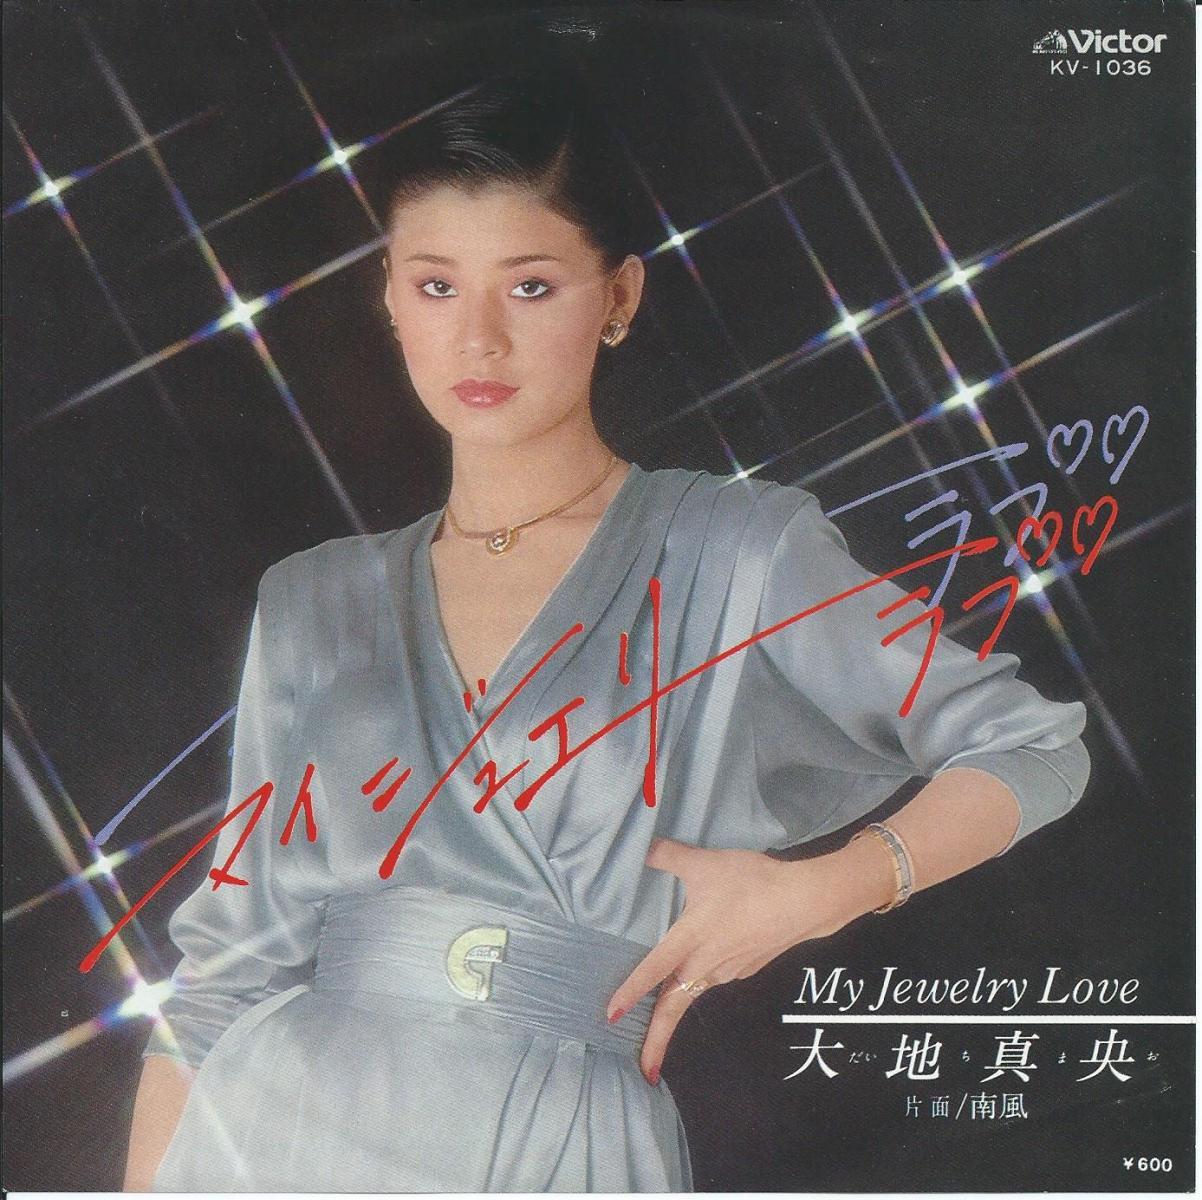 大地真央 MAO DAICHI / マイ・ジュエリー・ラブ MY JEWELRY LOVE / 南風 (7